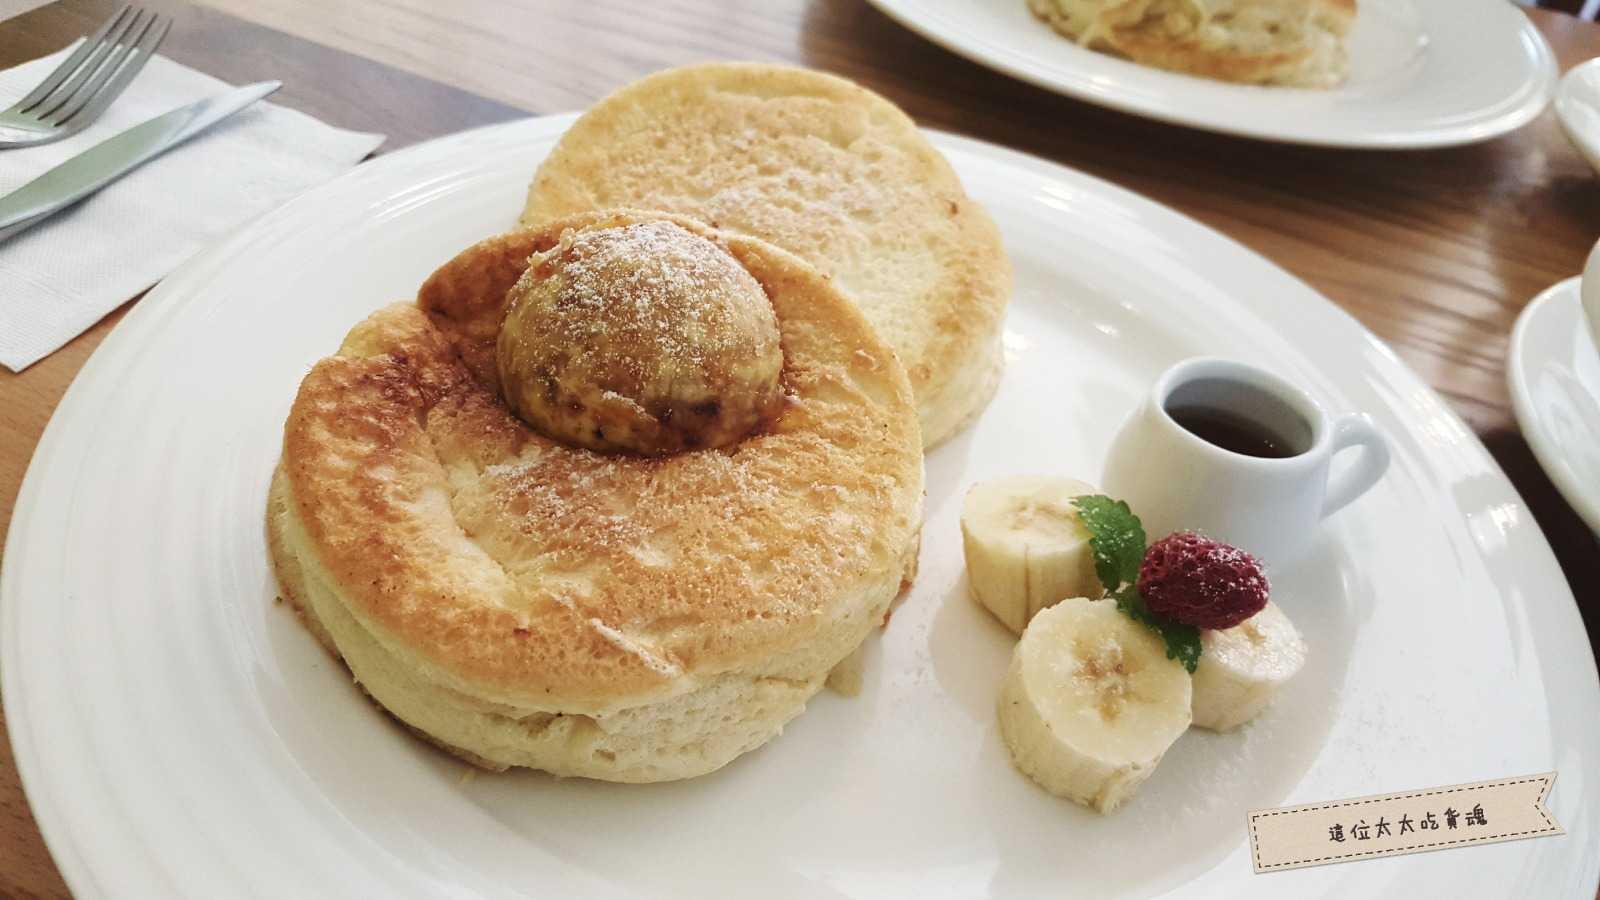 這位太太吃貨魂》日式厚鬆餅的逆襲,份量厚實,Tori's Cafe口味清新自然。